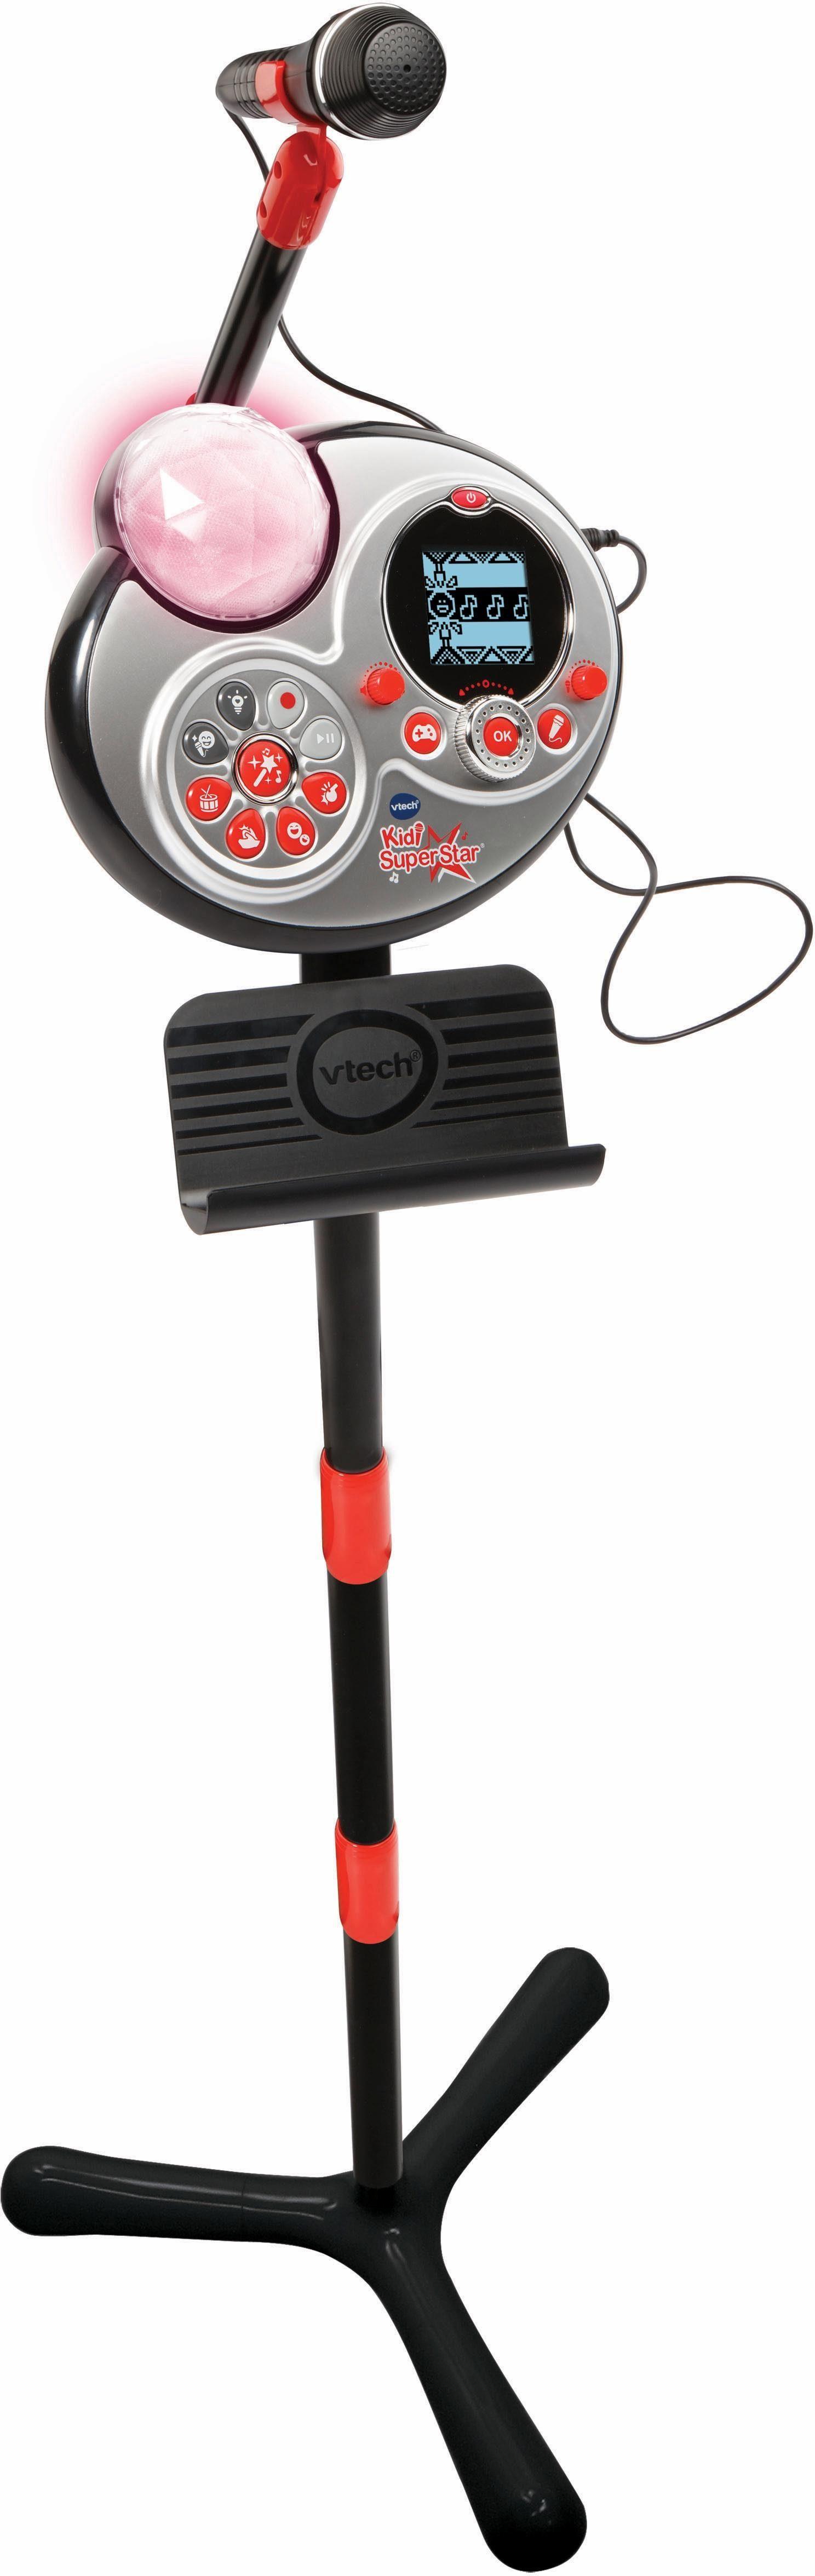 VTech Karaokemaschine, »Kidi Super Star black«